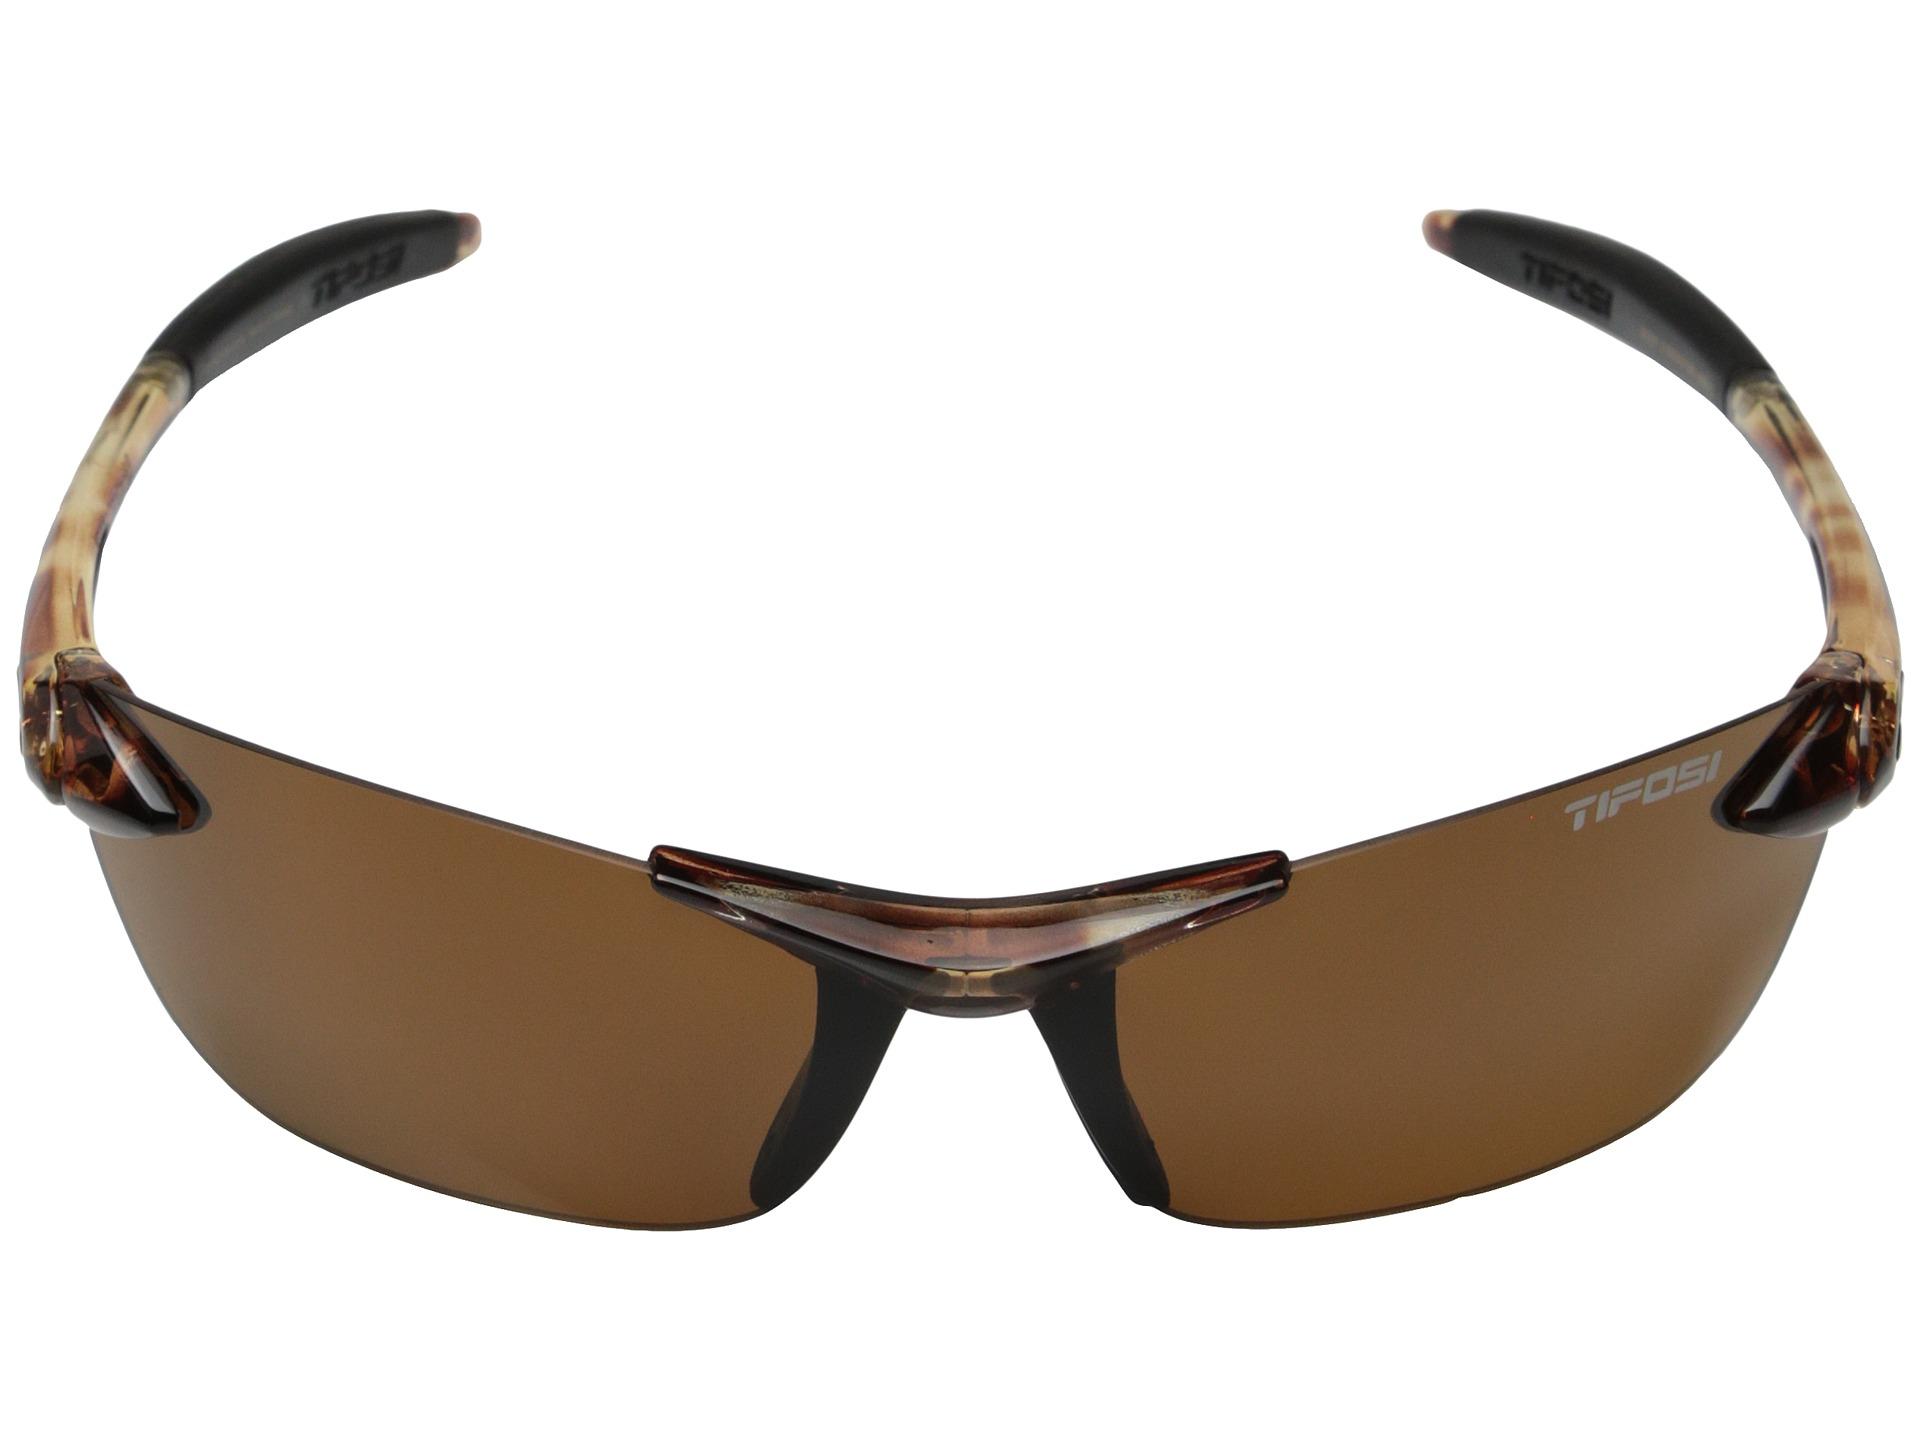 e271547a4df Tifosi Seek Polarized Fototec Sunglasses